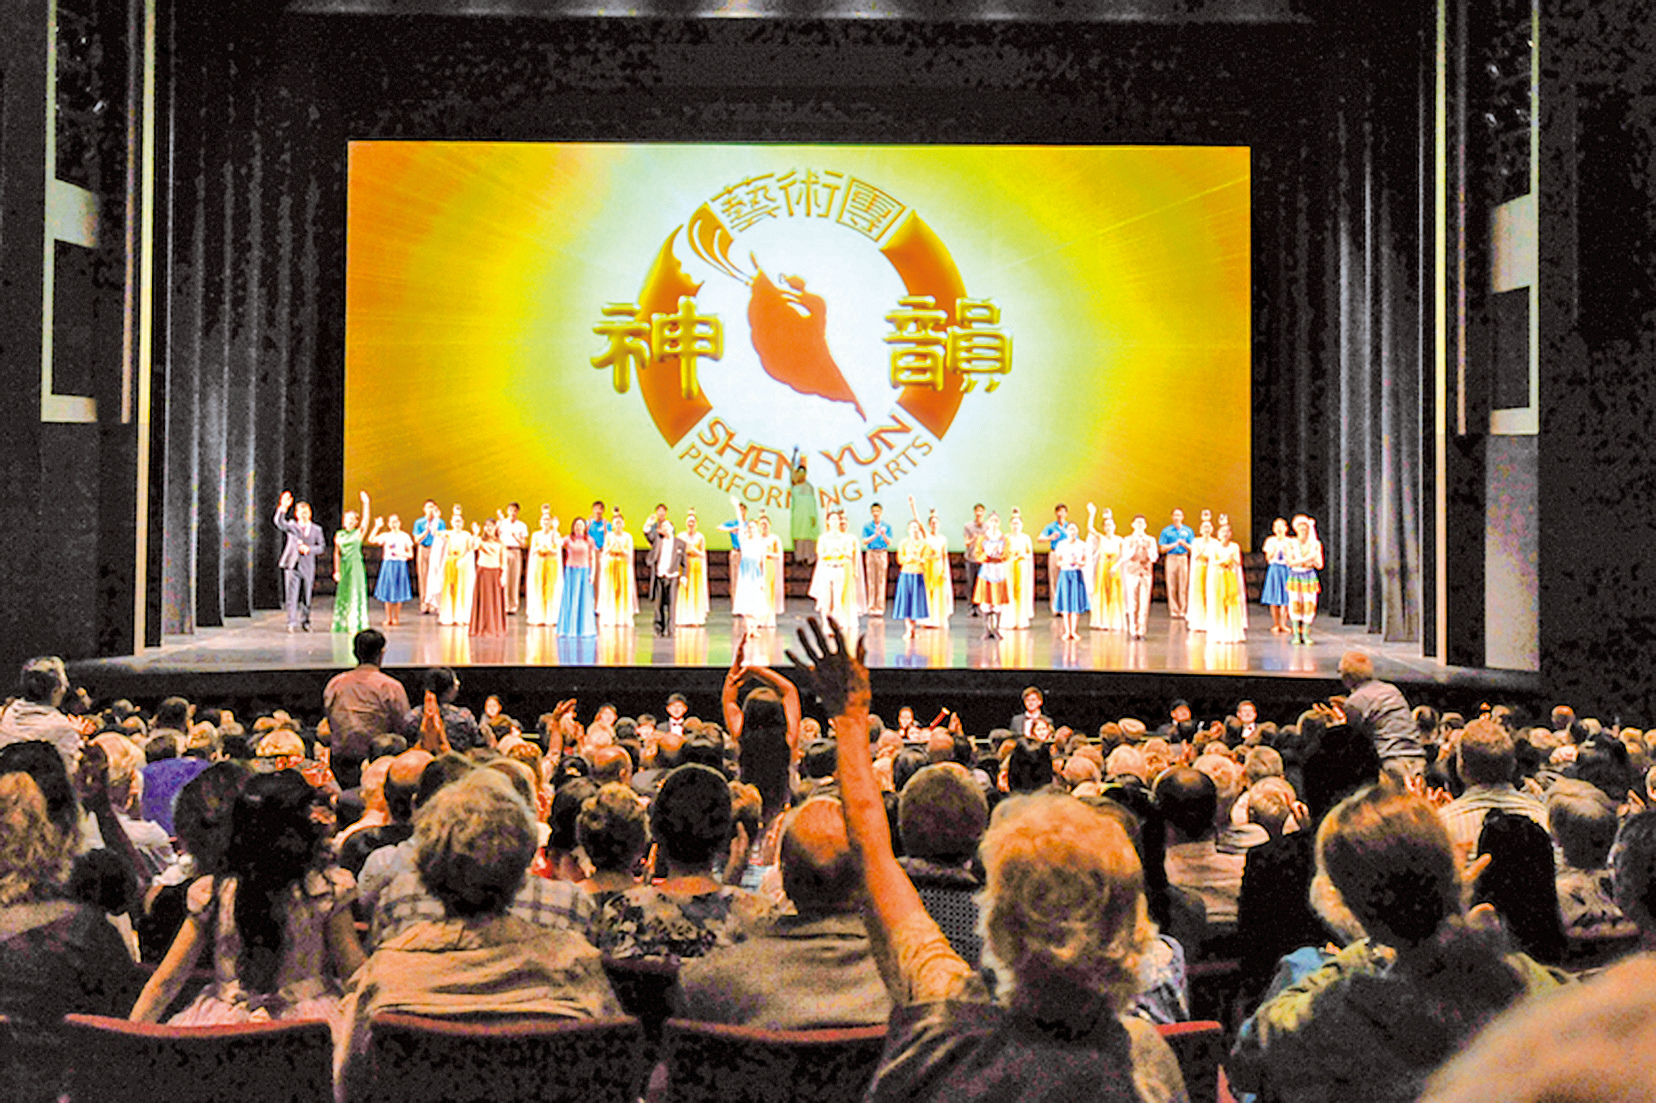 2月13日,神韻藝術團在澳洲阿德萊德的第二場演出大爆滿,在觀眾雷鳴般的掌聲中結束了本年度的澳洲巡演。(胡宥華/大紀元)